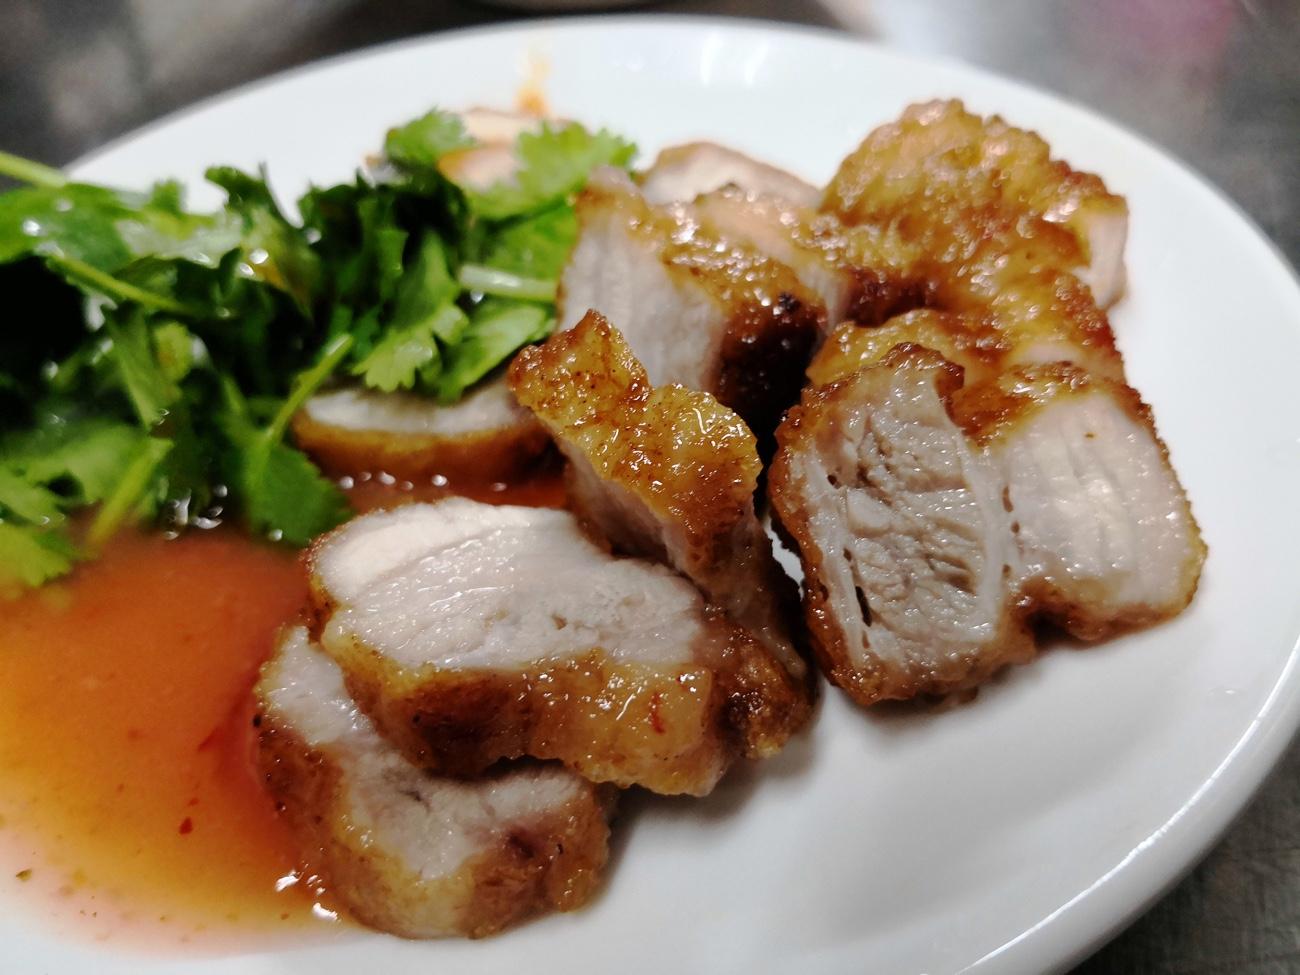 台湾食べ歩き おすすめ豚肉料理 太平市場での朝食